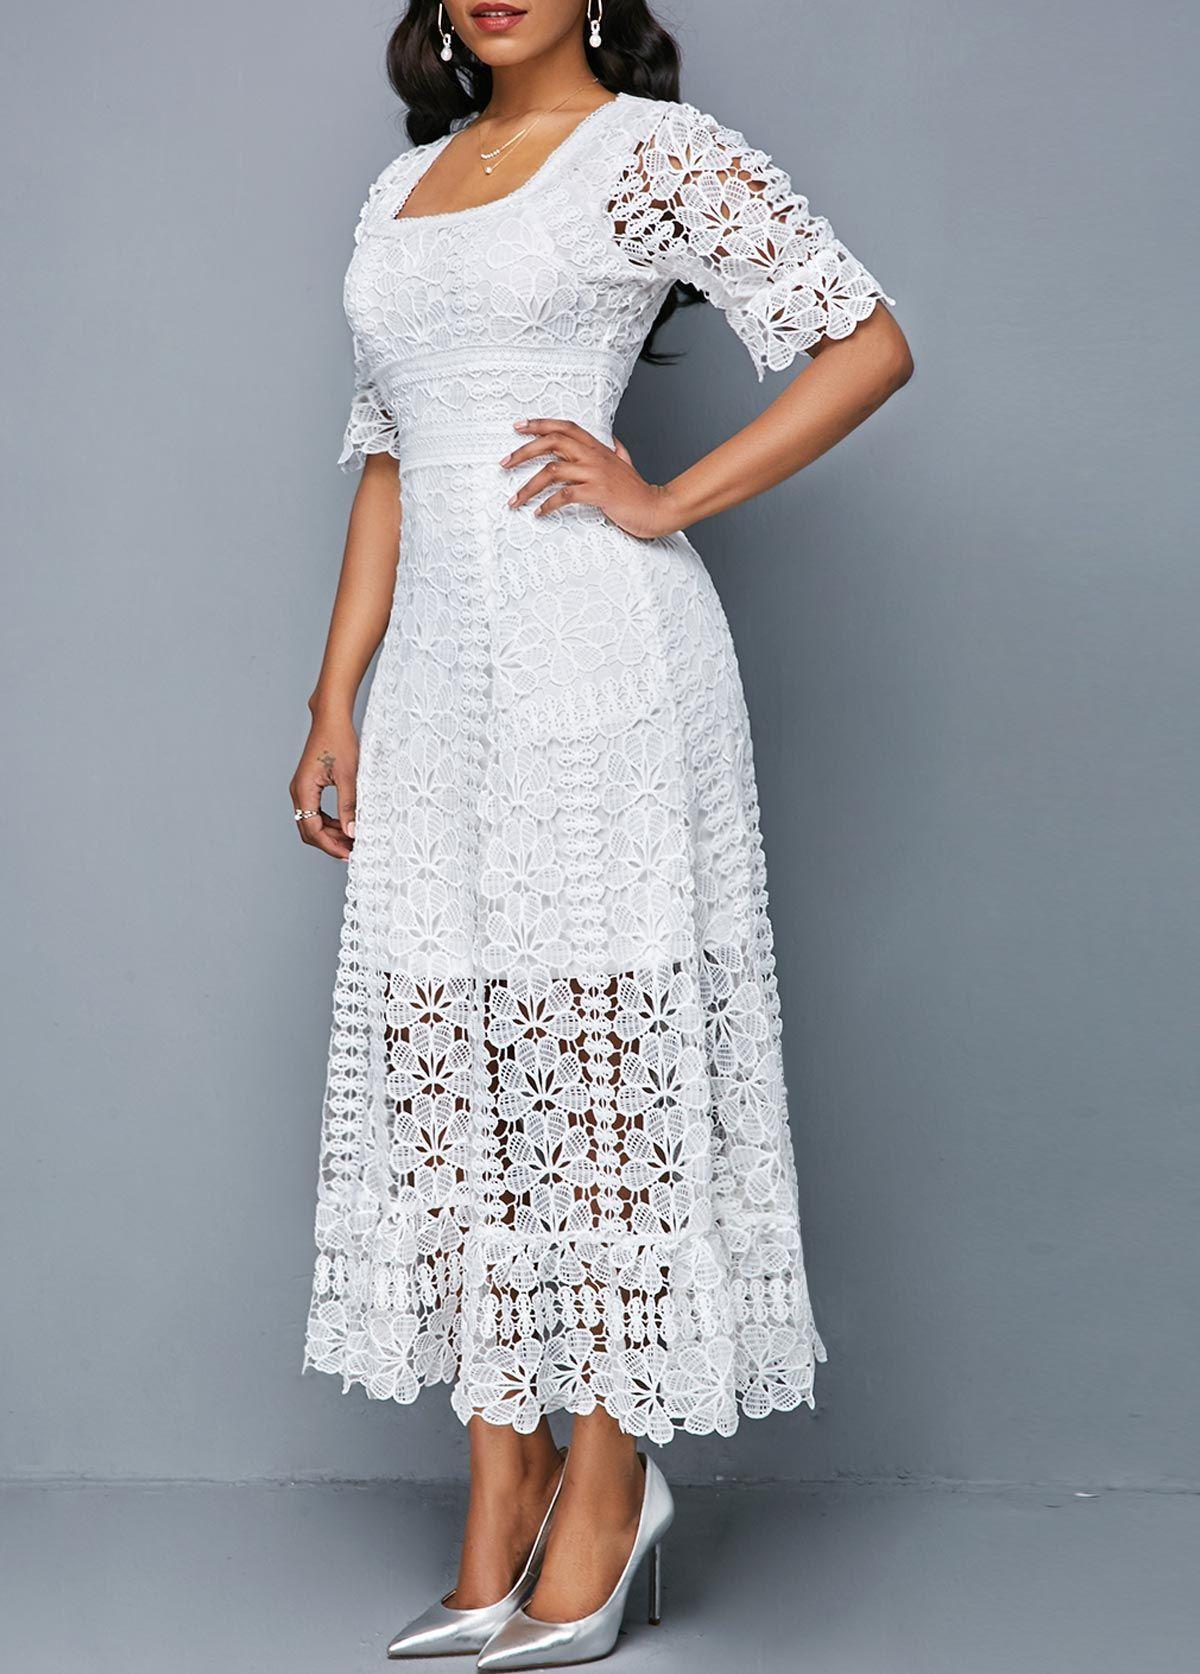 каждый нарядные платья вязанные крючком фото ардуч звезда турецких